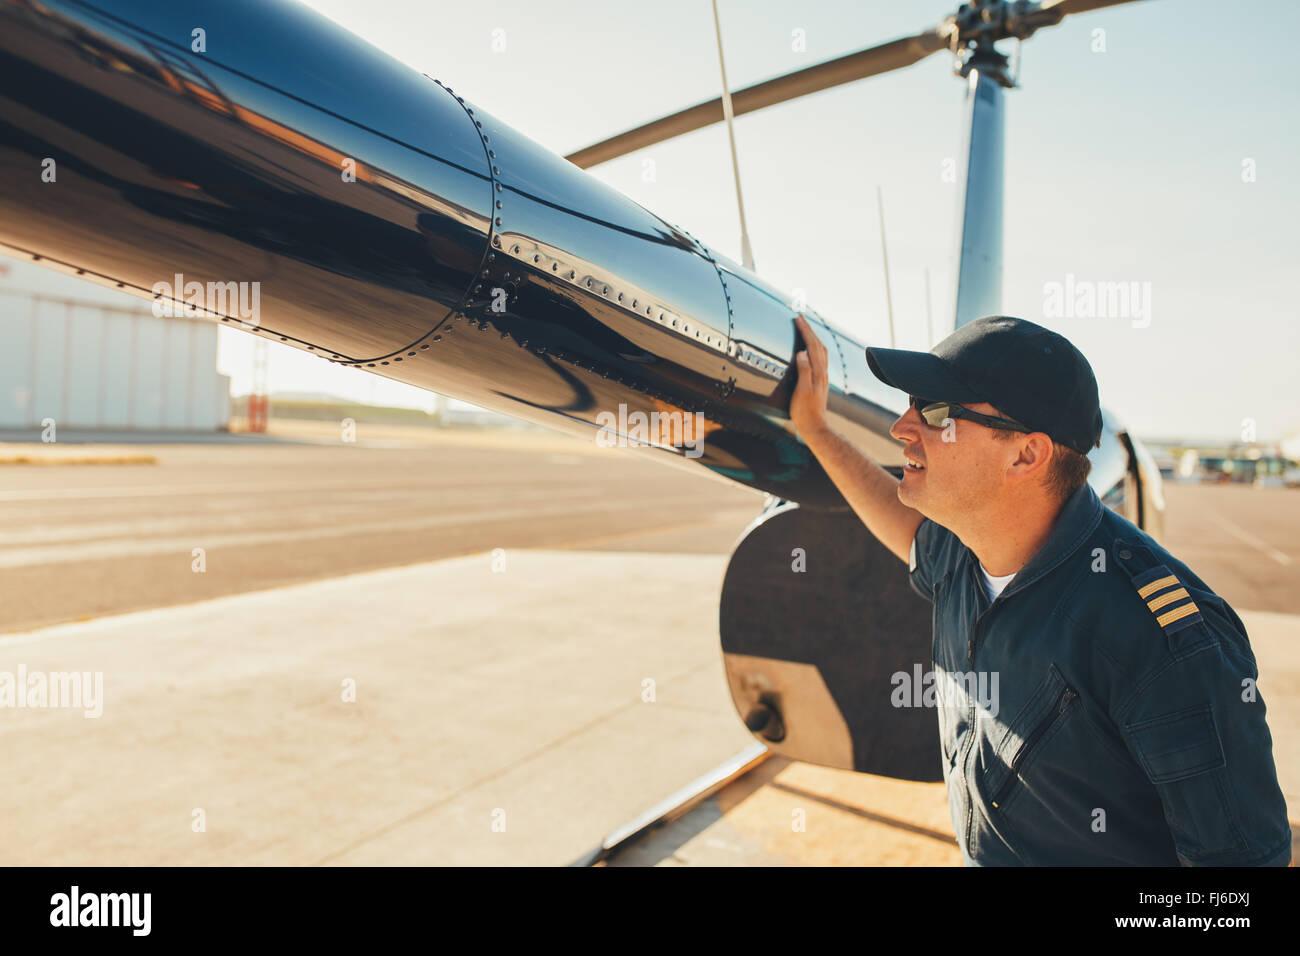 Maschio controlli pilota la coda di elicottero prima del volo. Il controllo meccanico elicottero prima del decollo. Immagini Stock